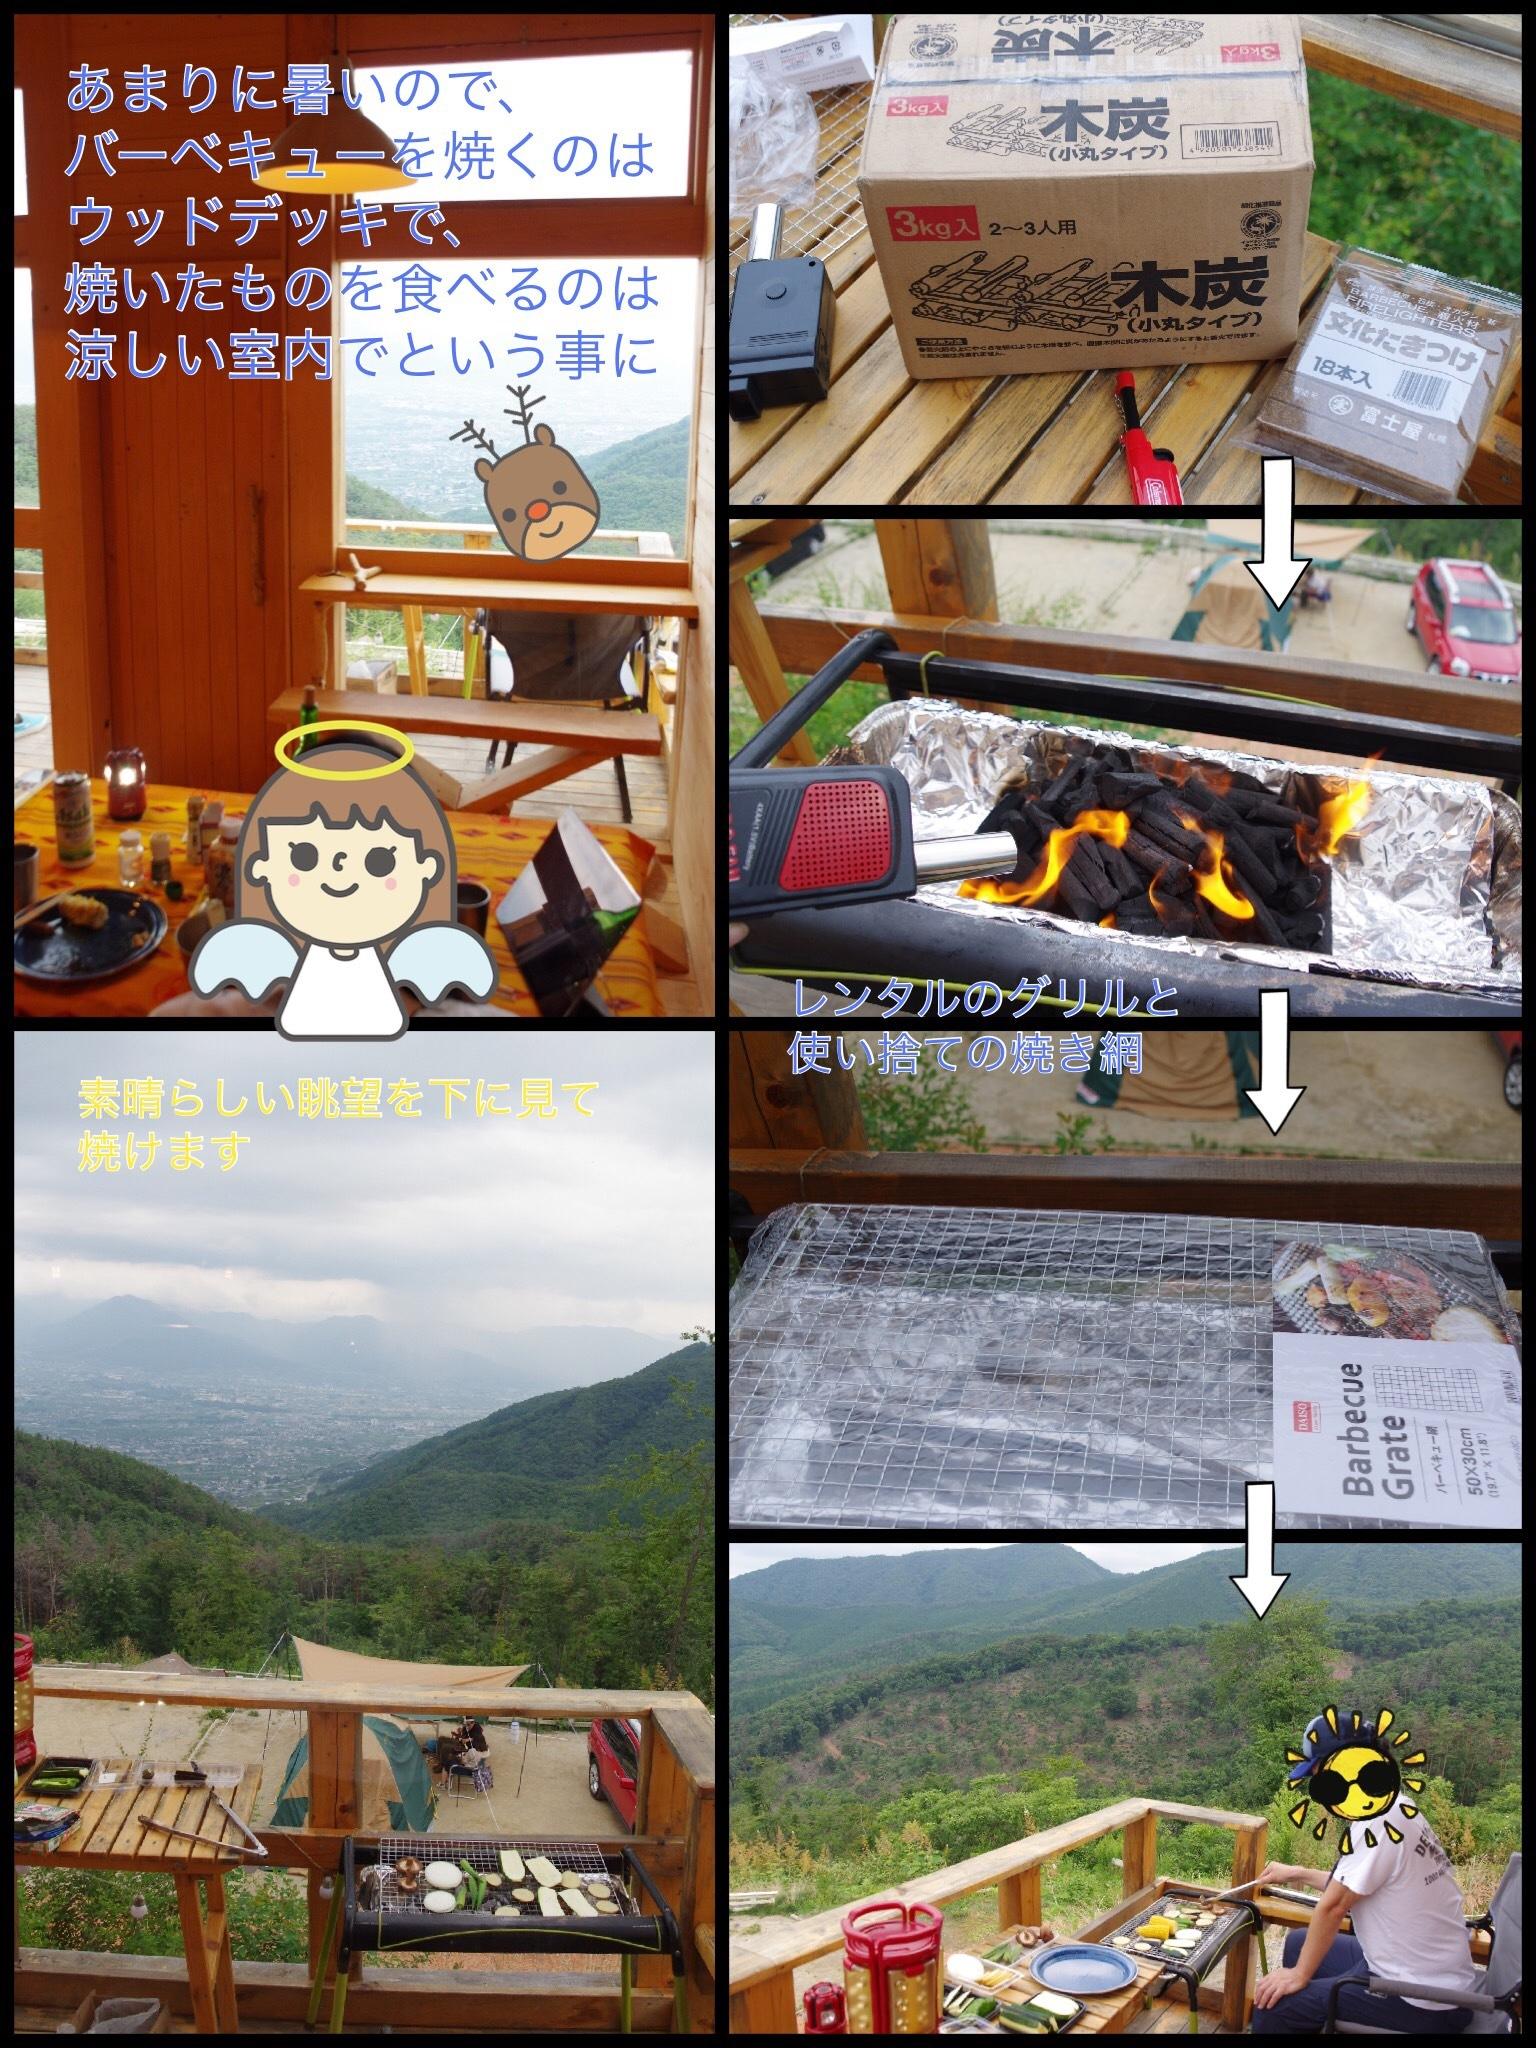 ほったらかしキャンプ場 小屋付きサイト 室内 施設 hottarakashionsen